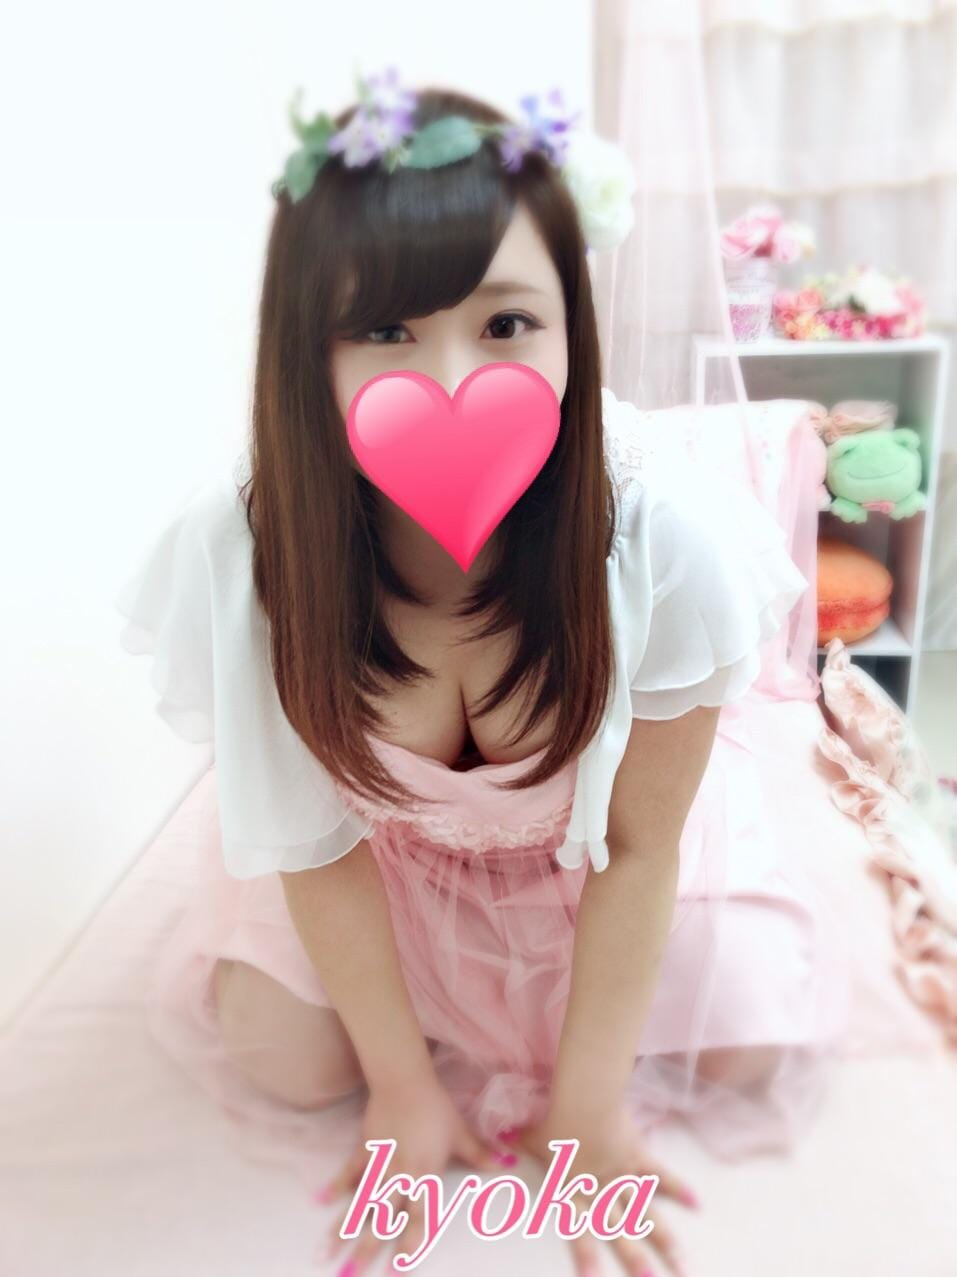 「おはもに♡」09/20日(木) 10:39 | きょうかの写メ・風俗動画